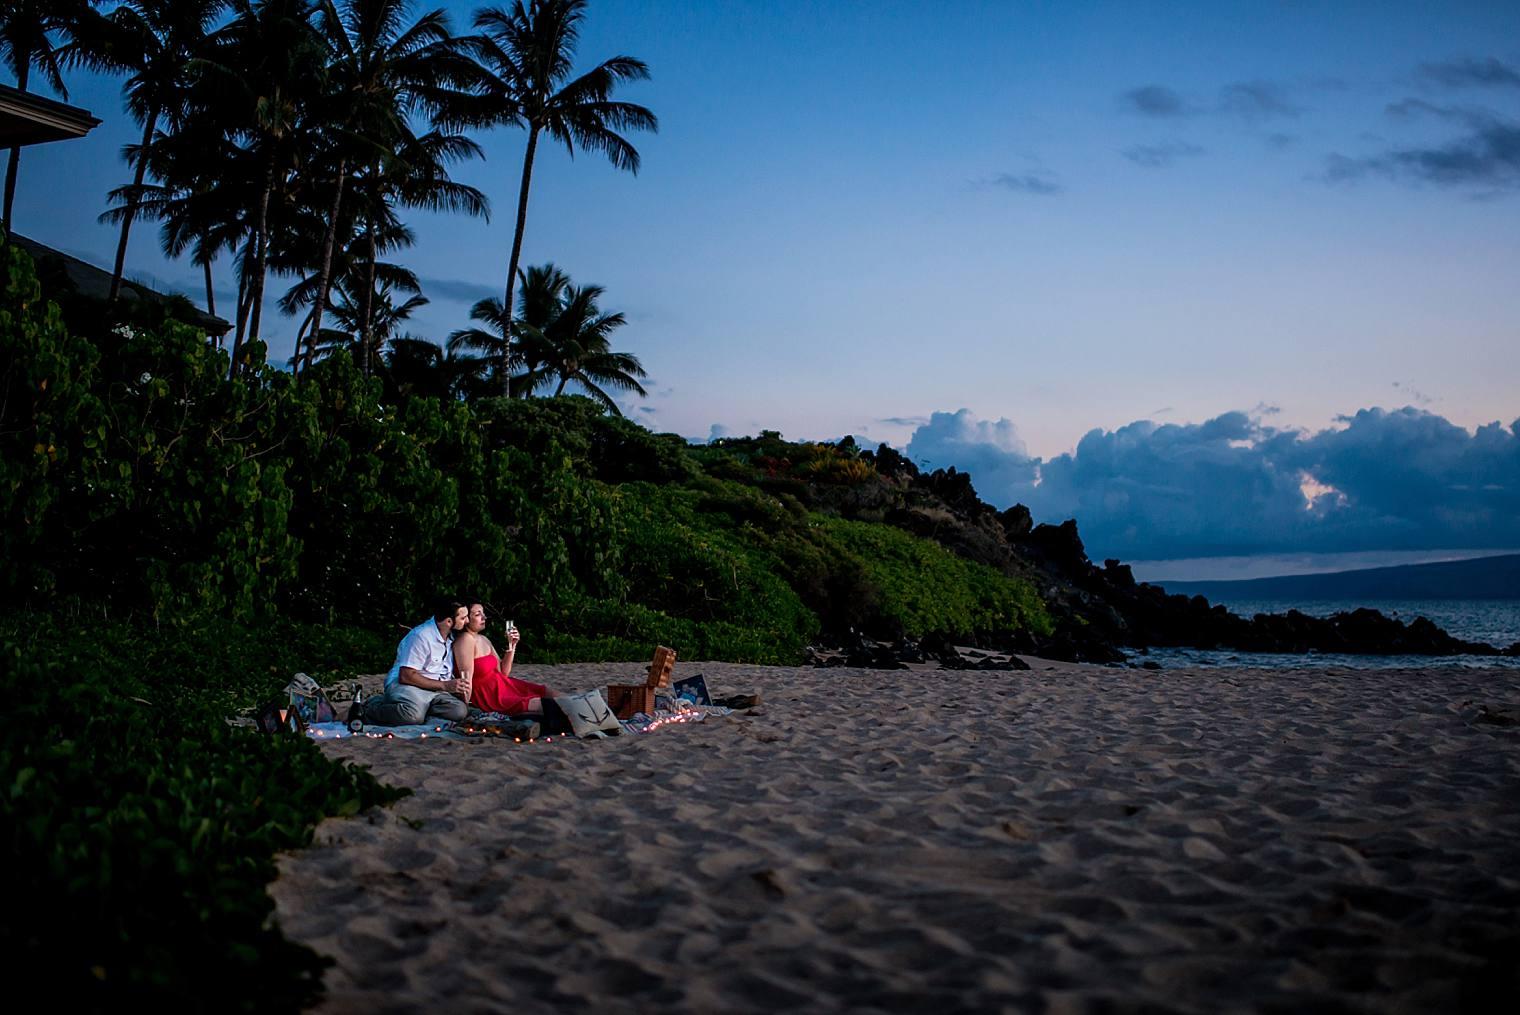 engaged couple enjoying sunset on the beach